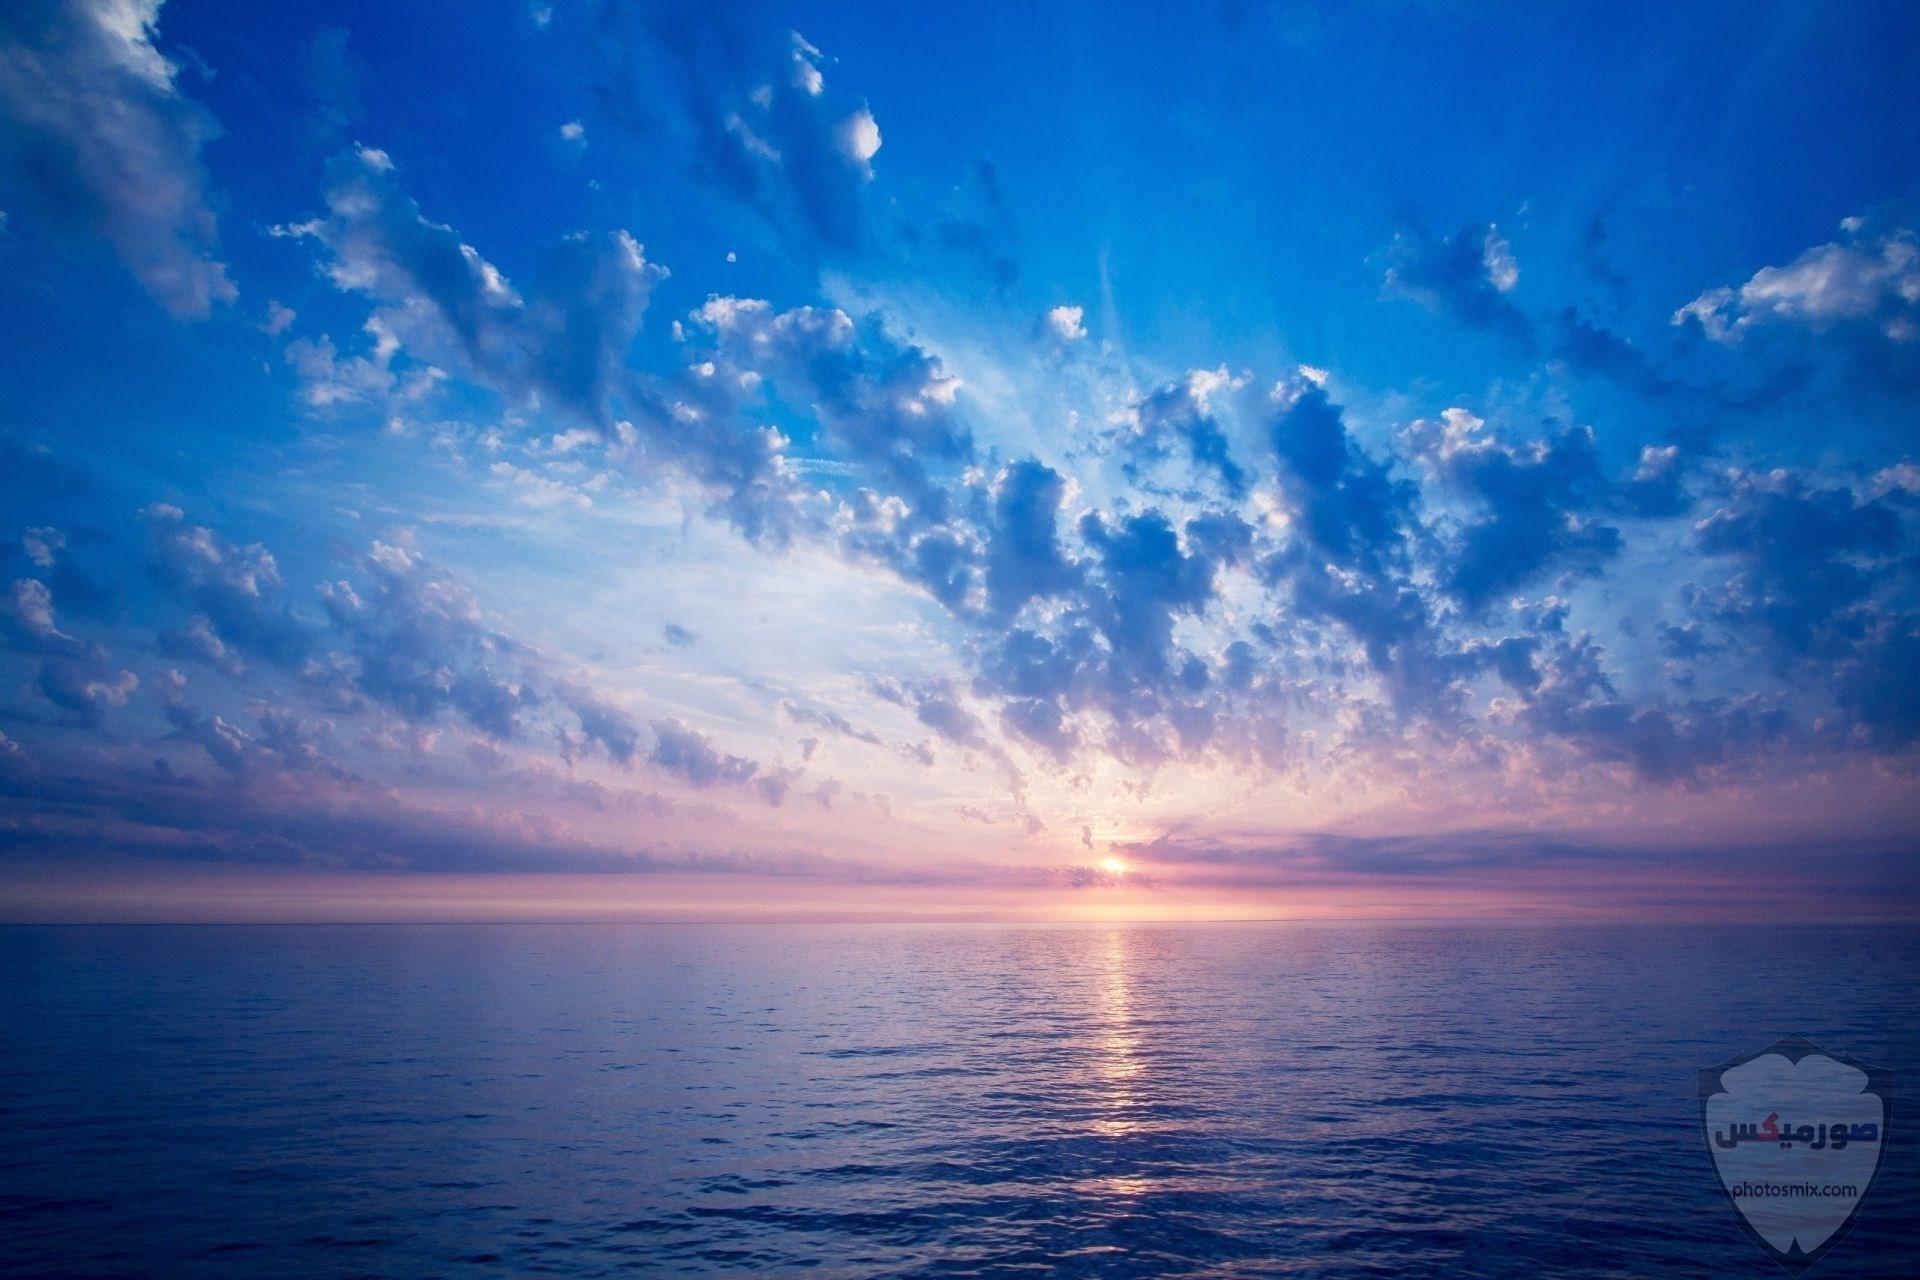 صور بحر وشواطئ HD اجمل خلفيات بحار وشواطئ في العالم 4